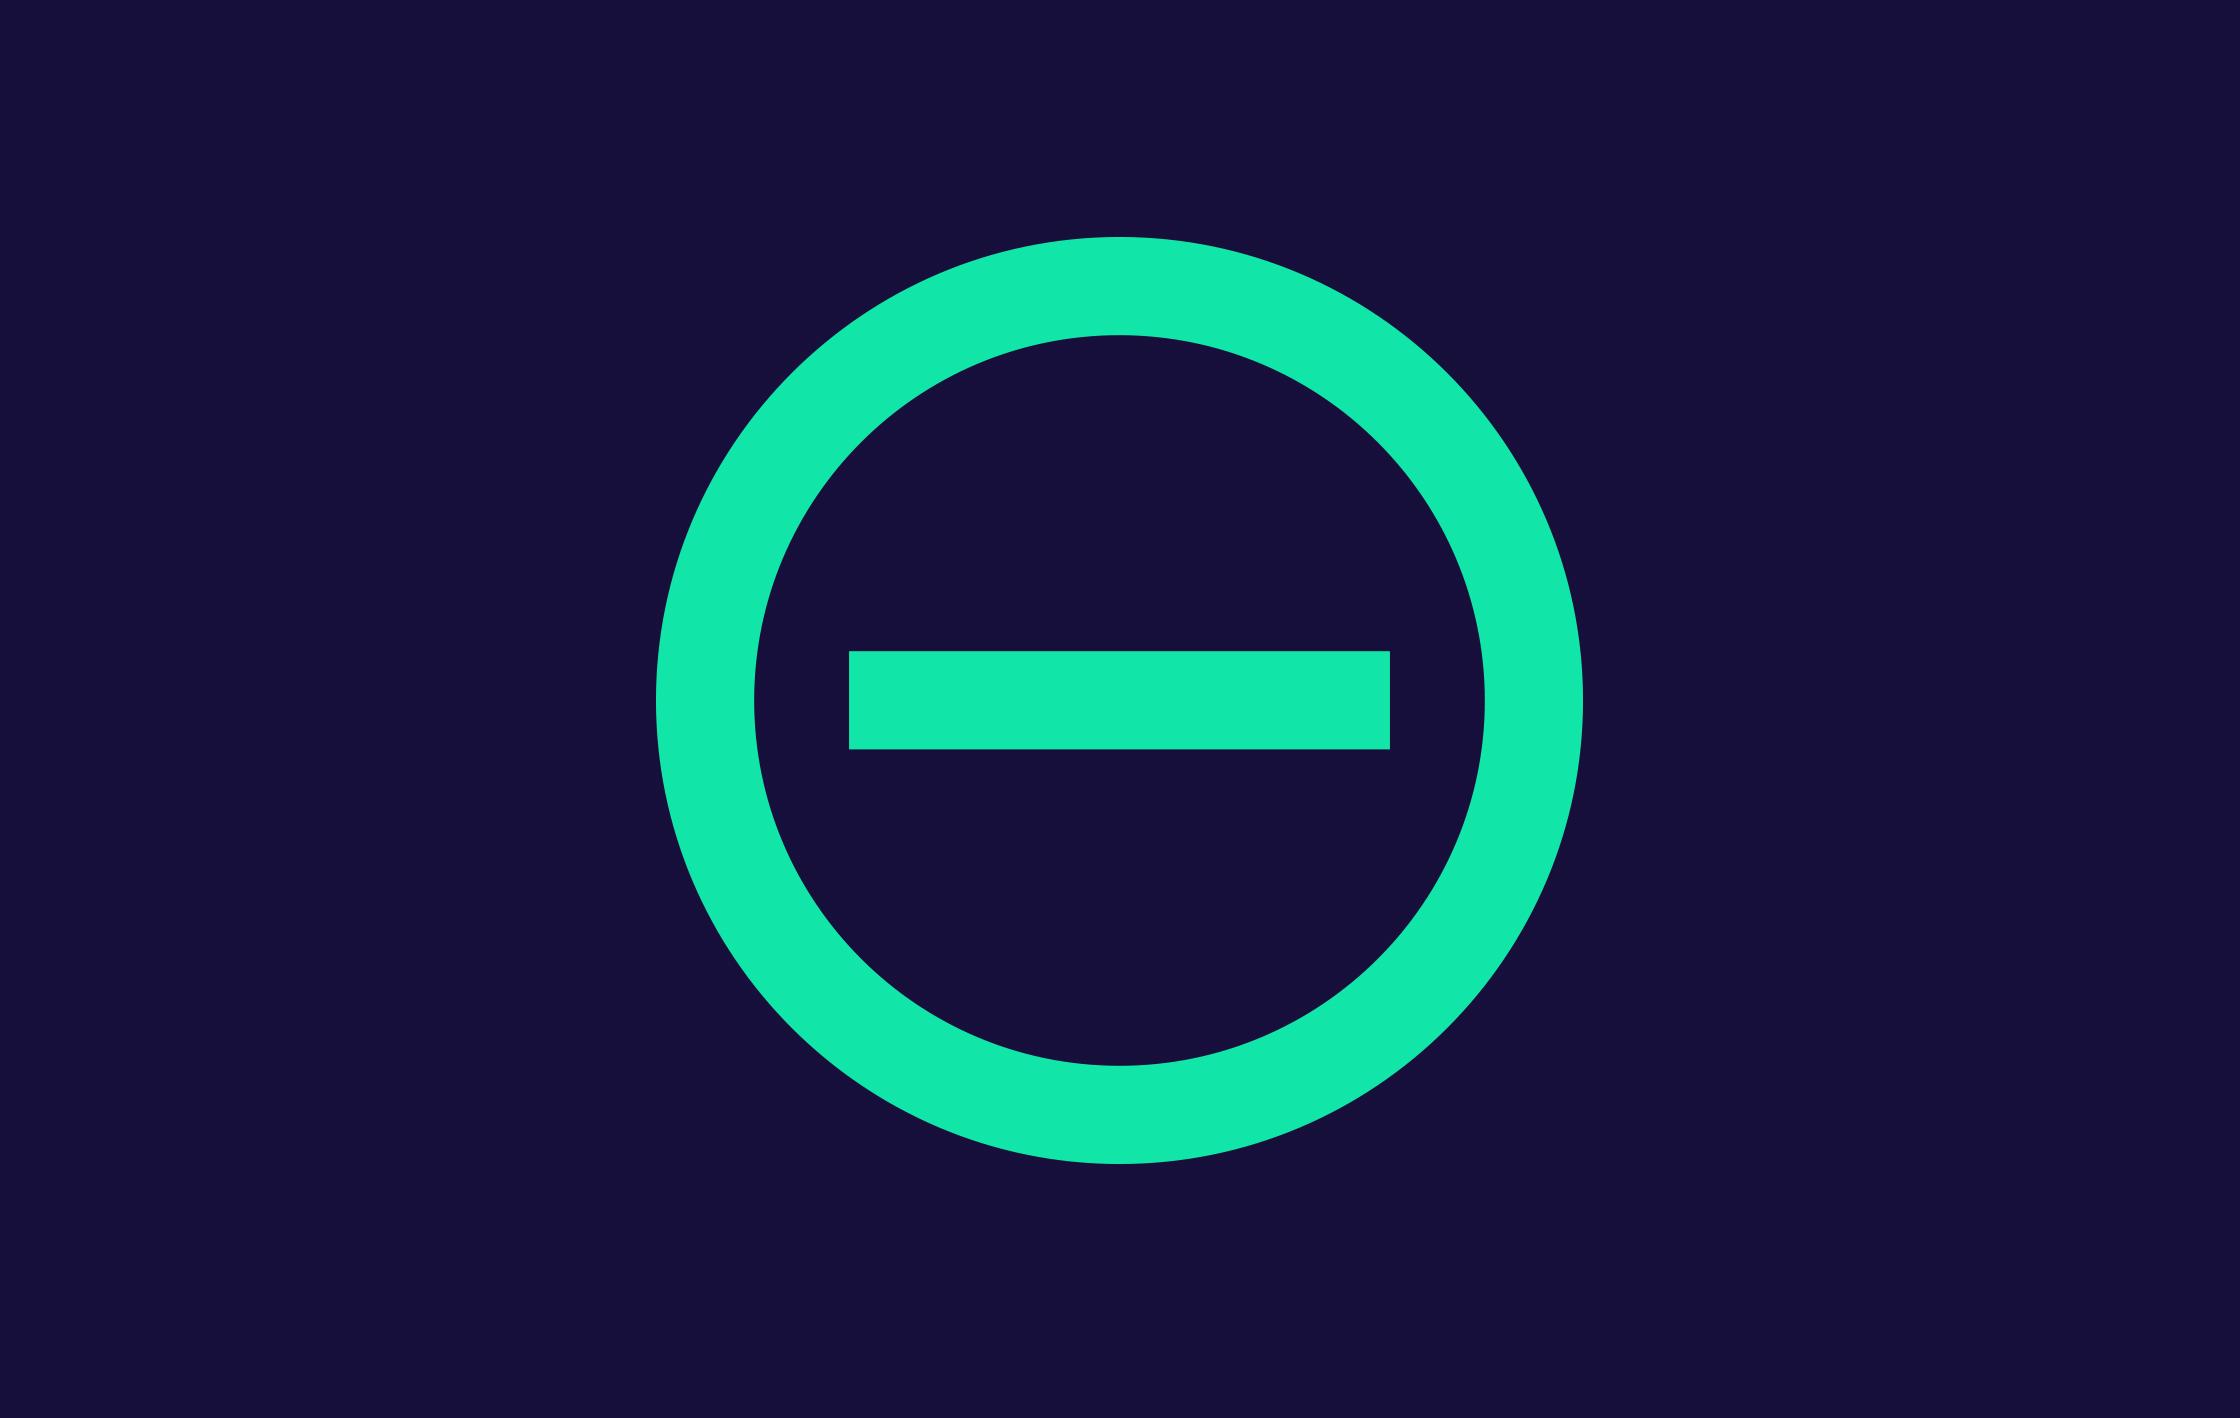 symbol-theta.jpg